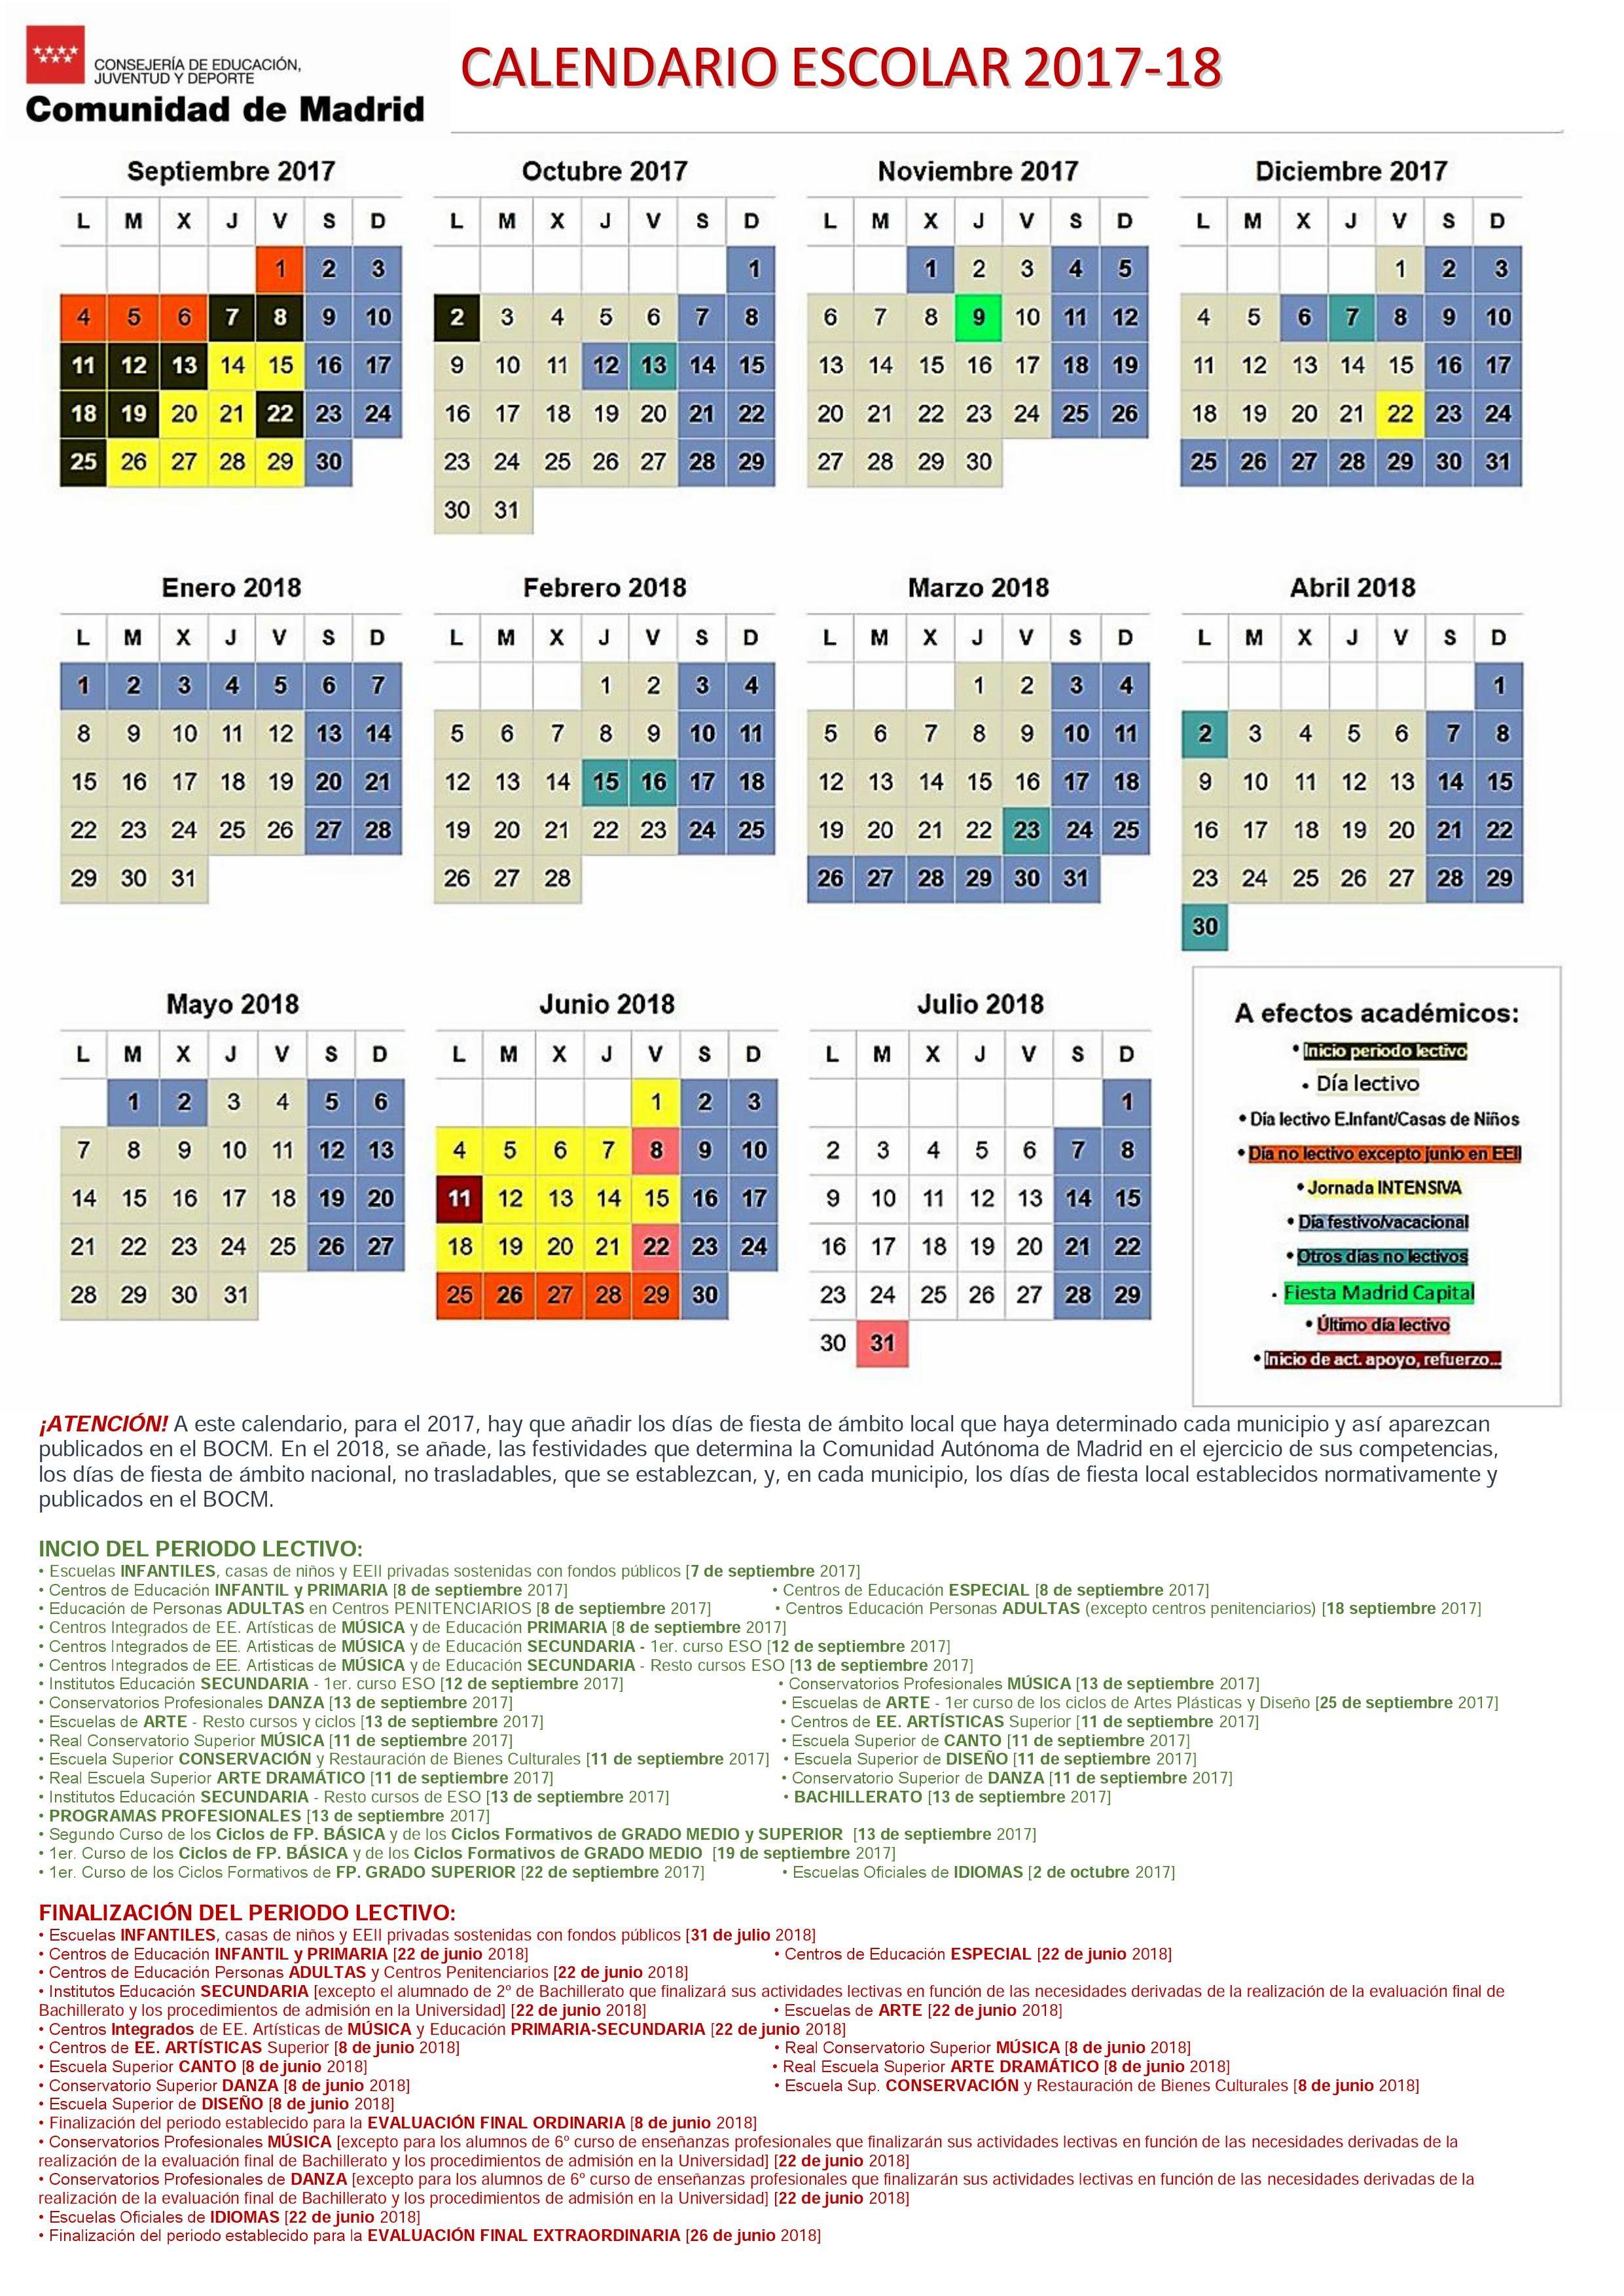 Calendario Escolar 2019 Bocm Recientes Calendario Escolar Por Unidades Fiestas Navidad Of Calendario Escolar 2019 Bocm Recientes Rascafra Informa Servicio De Unicaci³n Va Web Proporcionado